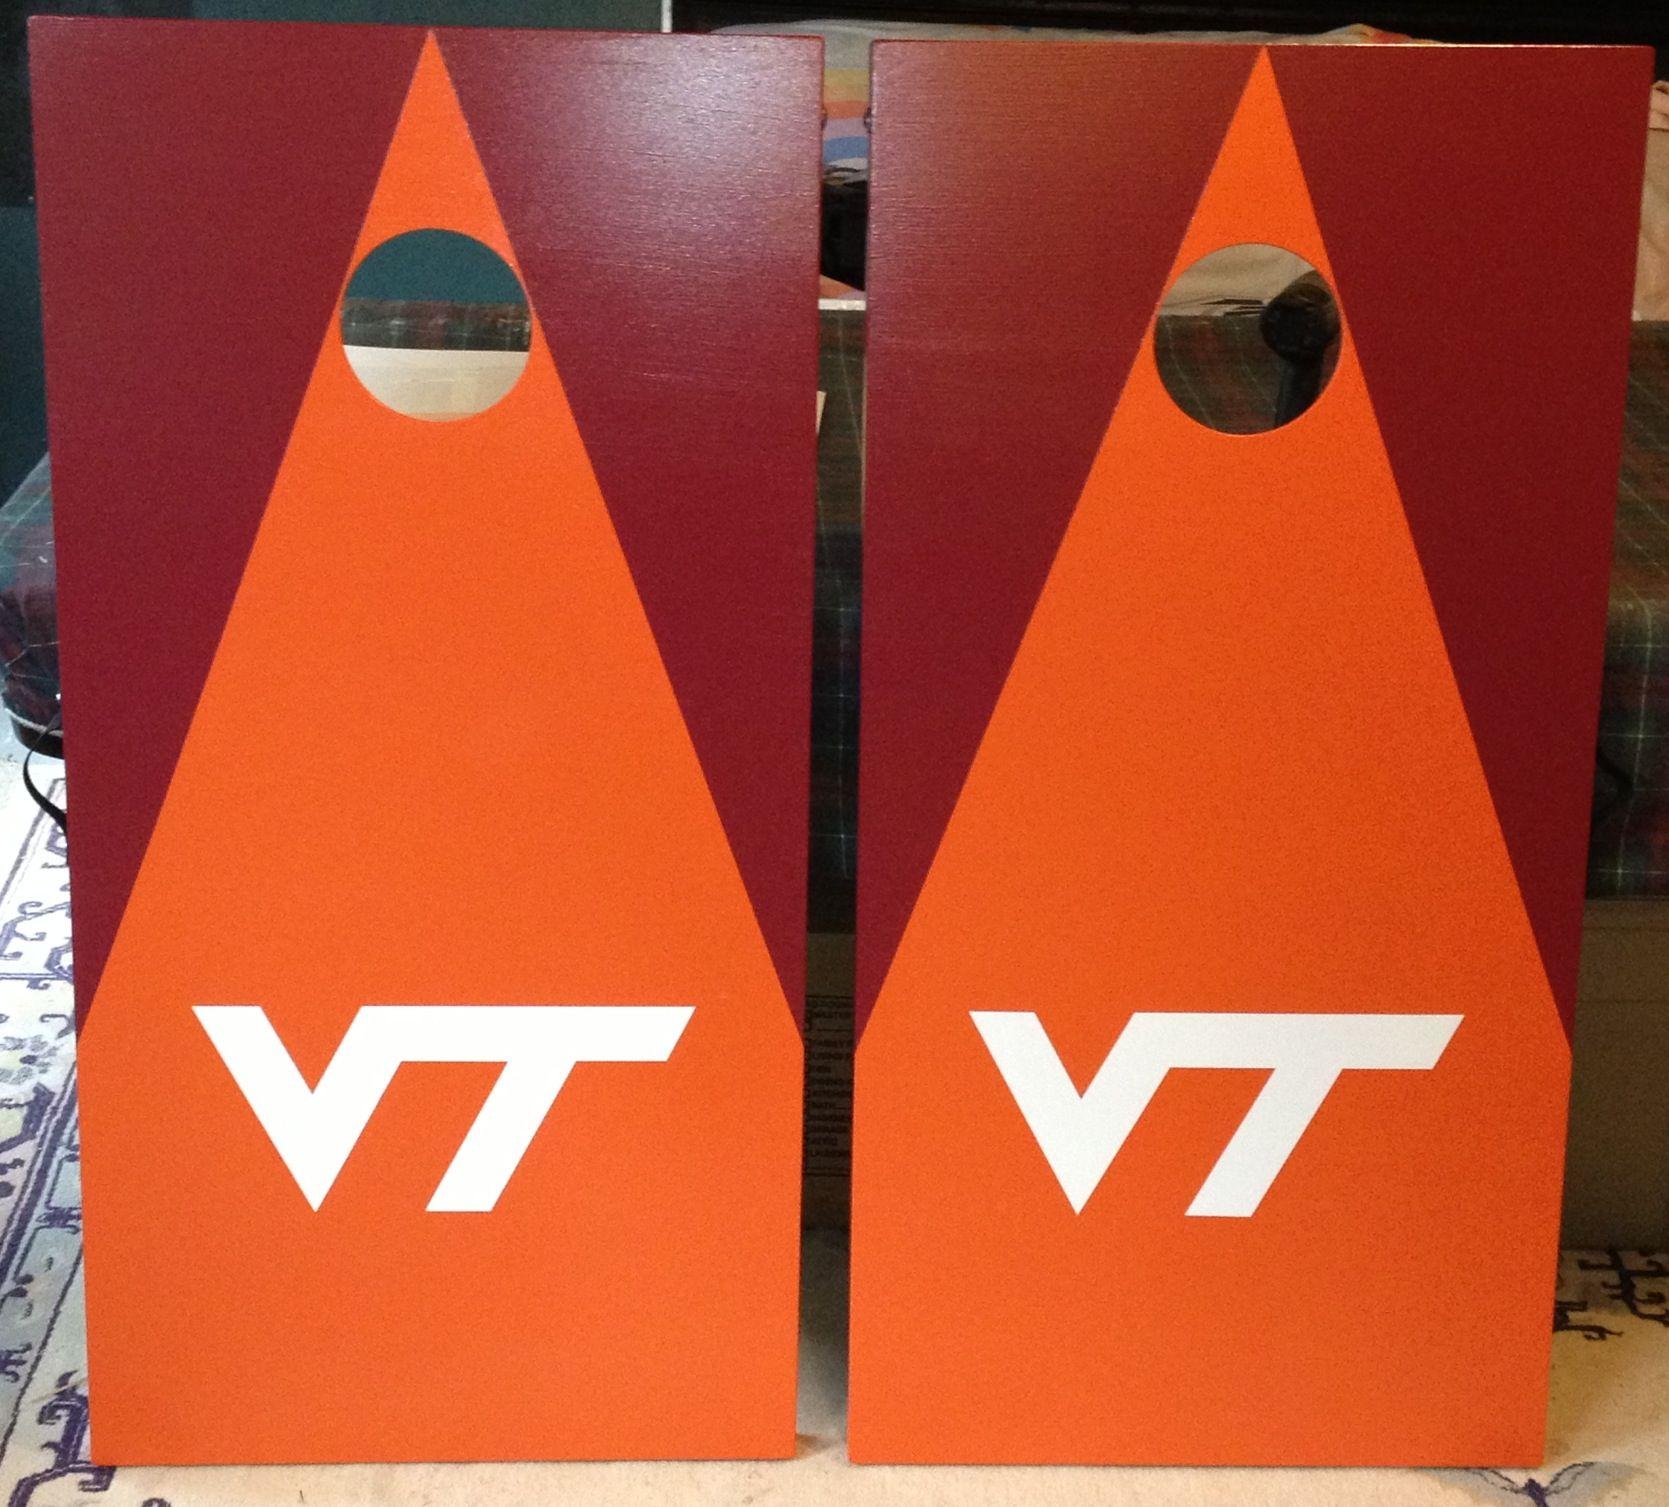 Virginia Tech Cornhole designs, Cornhole boards designs